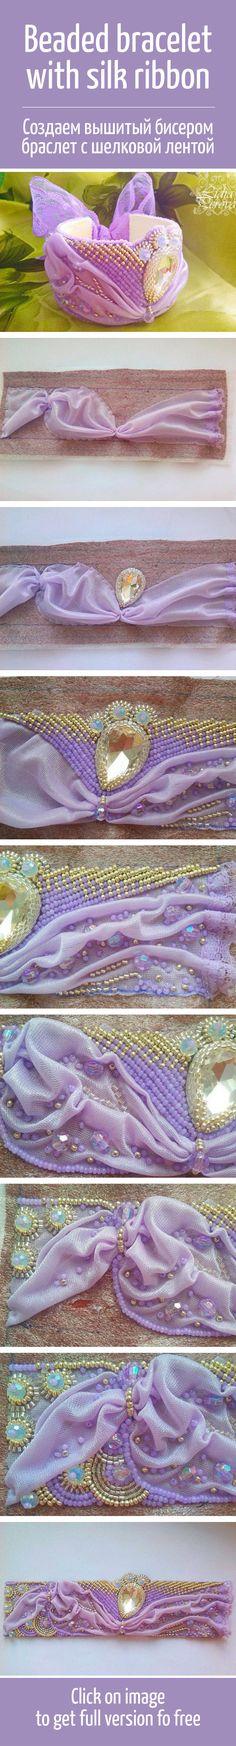 Создаем вышитый бисером браслет с шелковой лентой / Beautiful beaded bracelet with silk ribbon tutorial